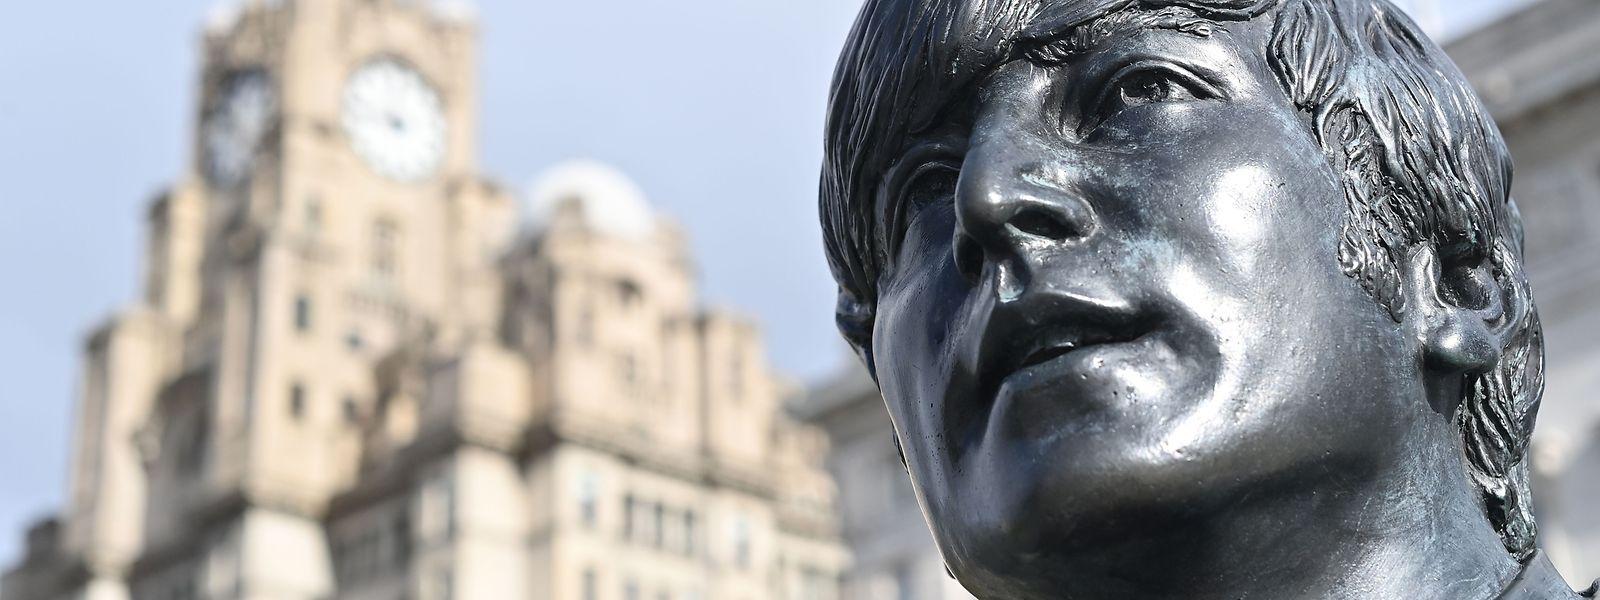 In Liverpool erinnert eine Statue an Lennon und die Beatles.